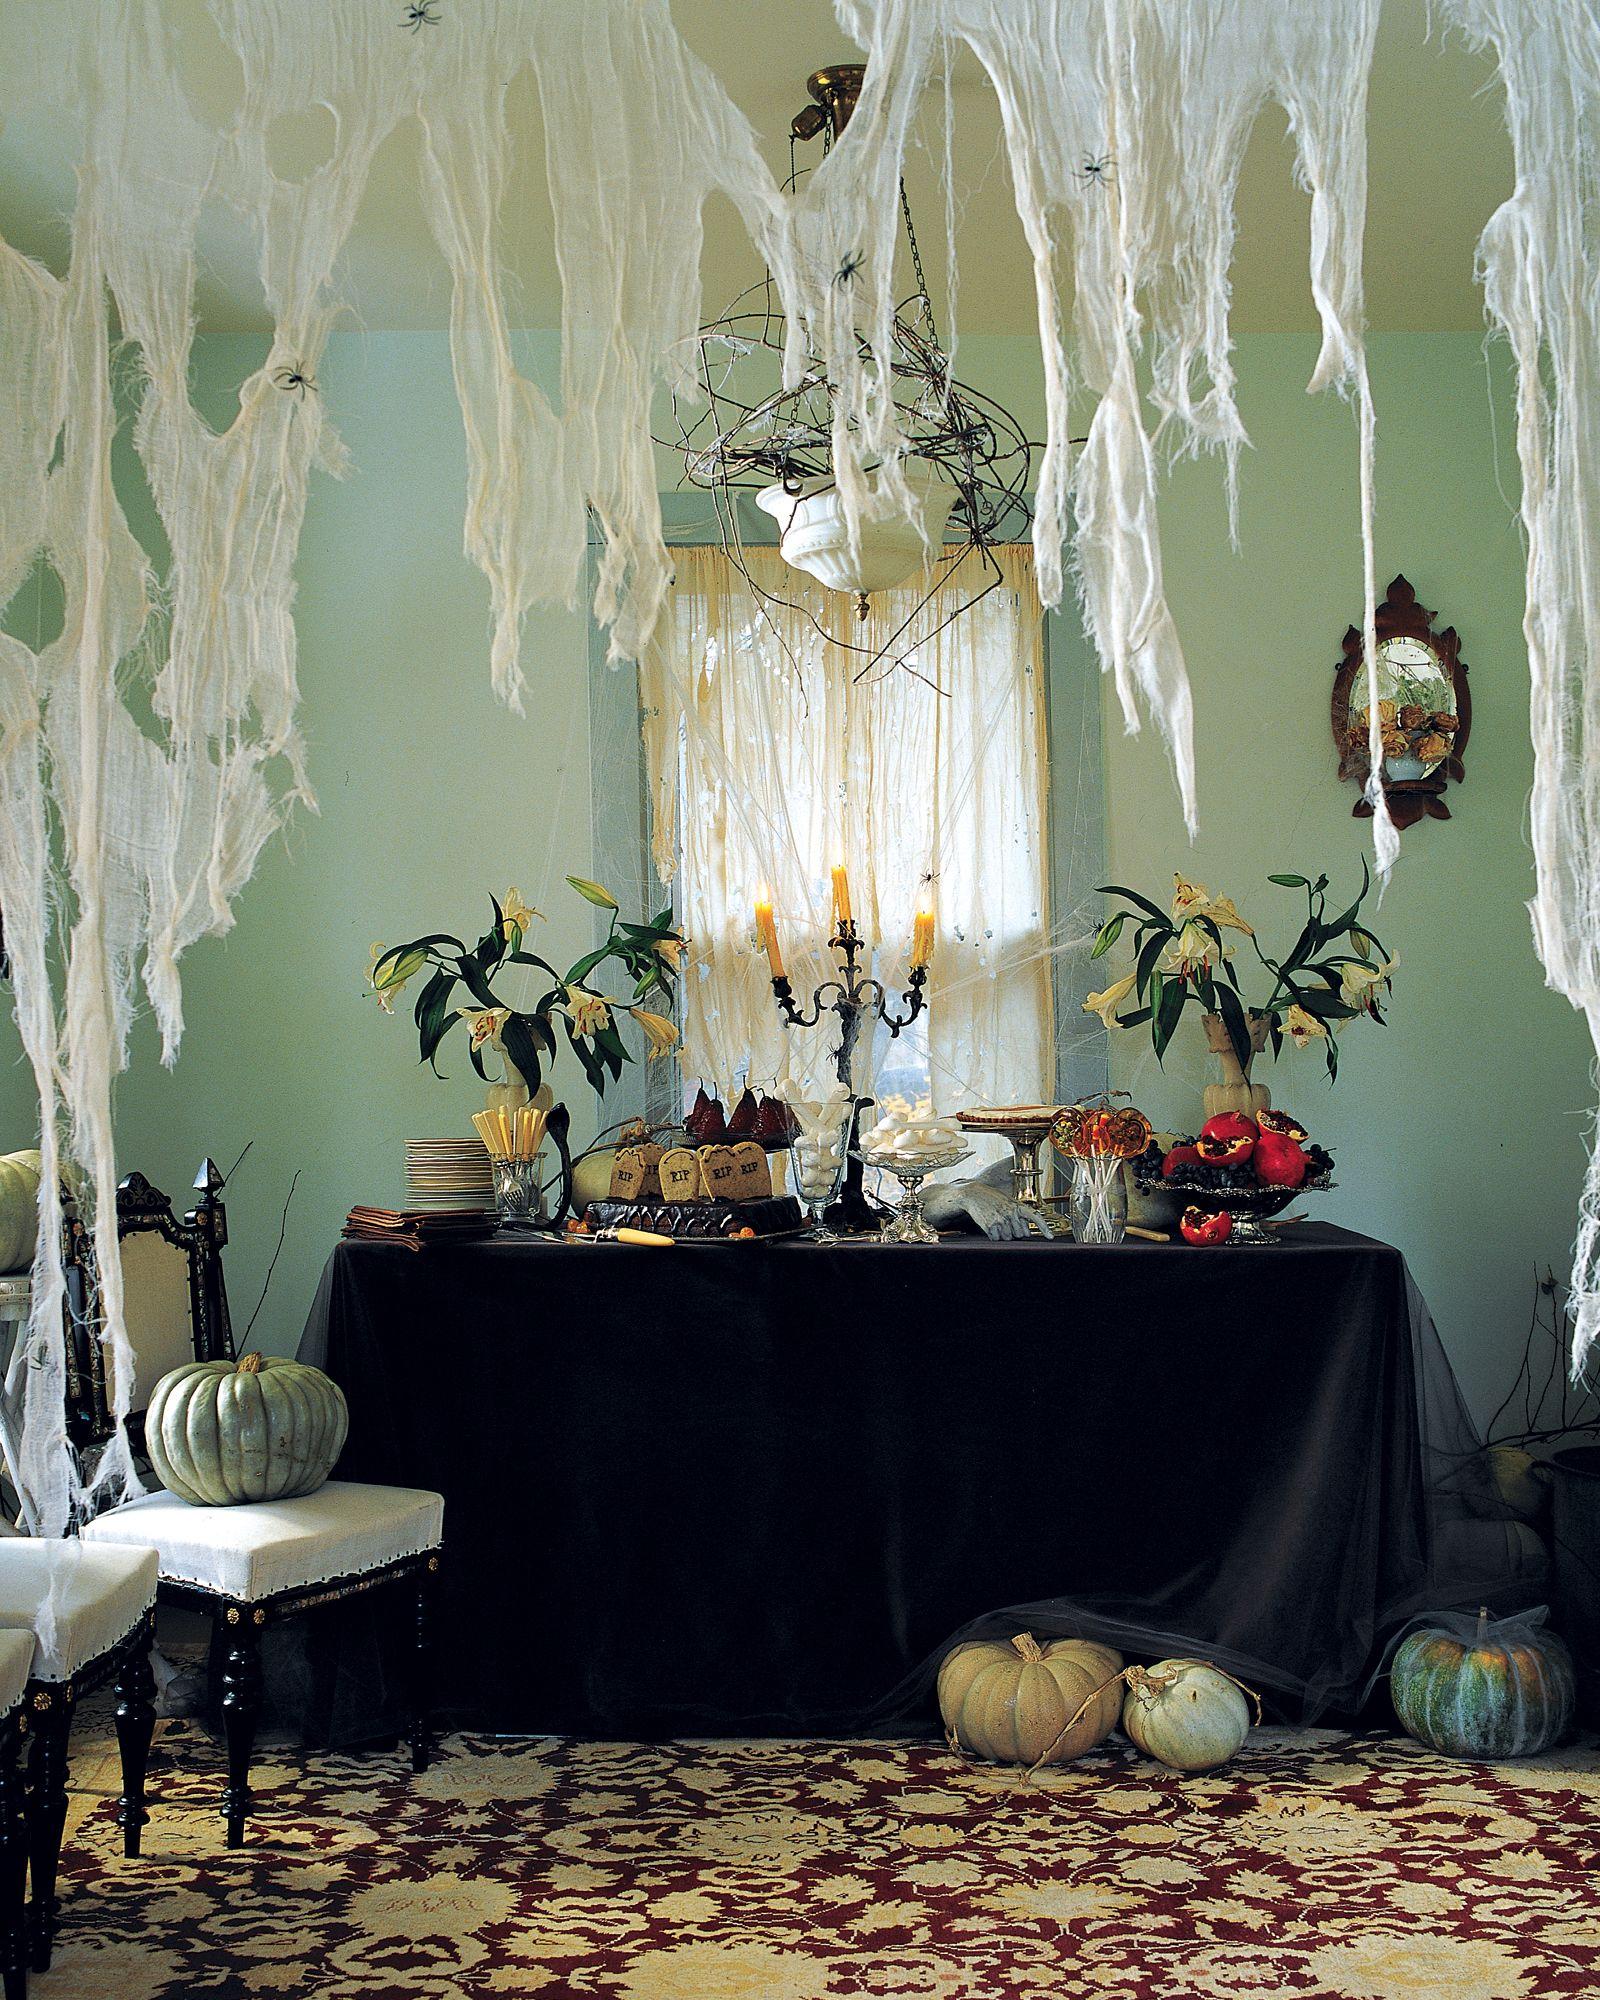 20 of Our Best Indoor Halloween Decorations Halloween